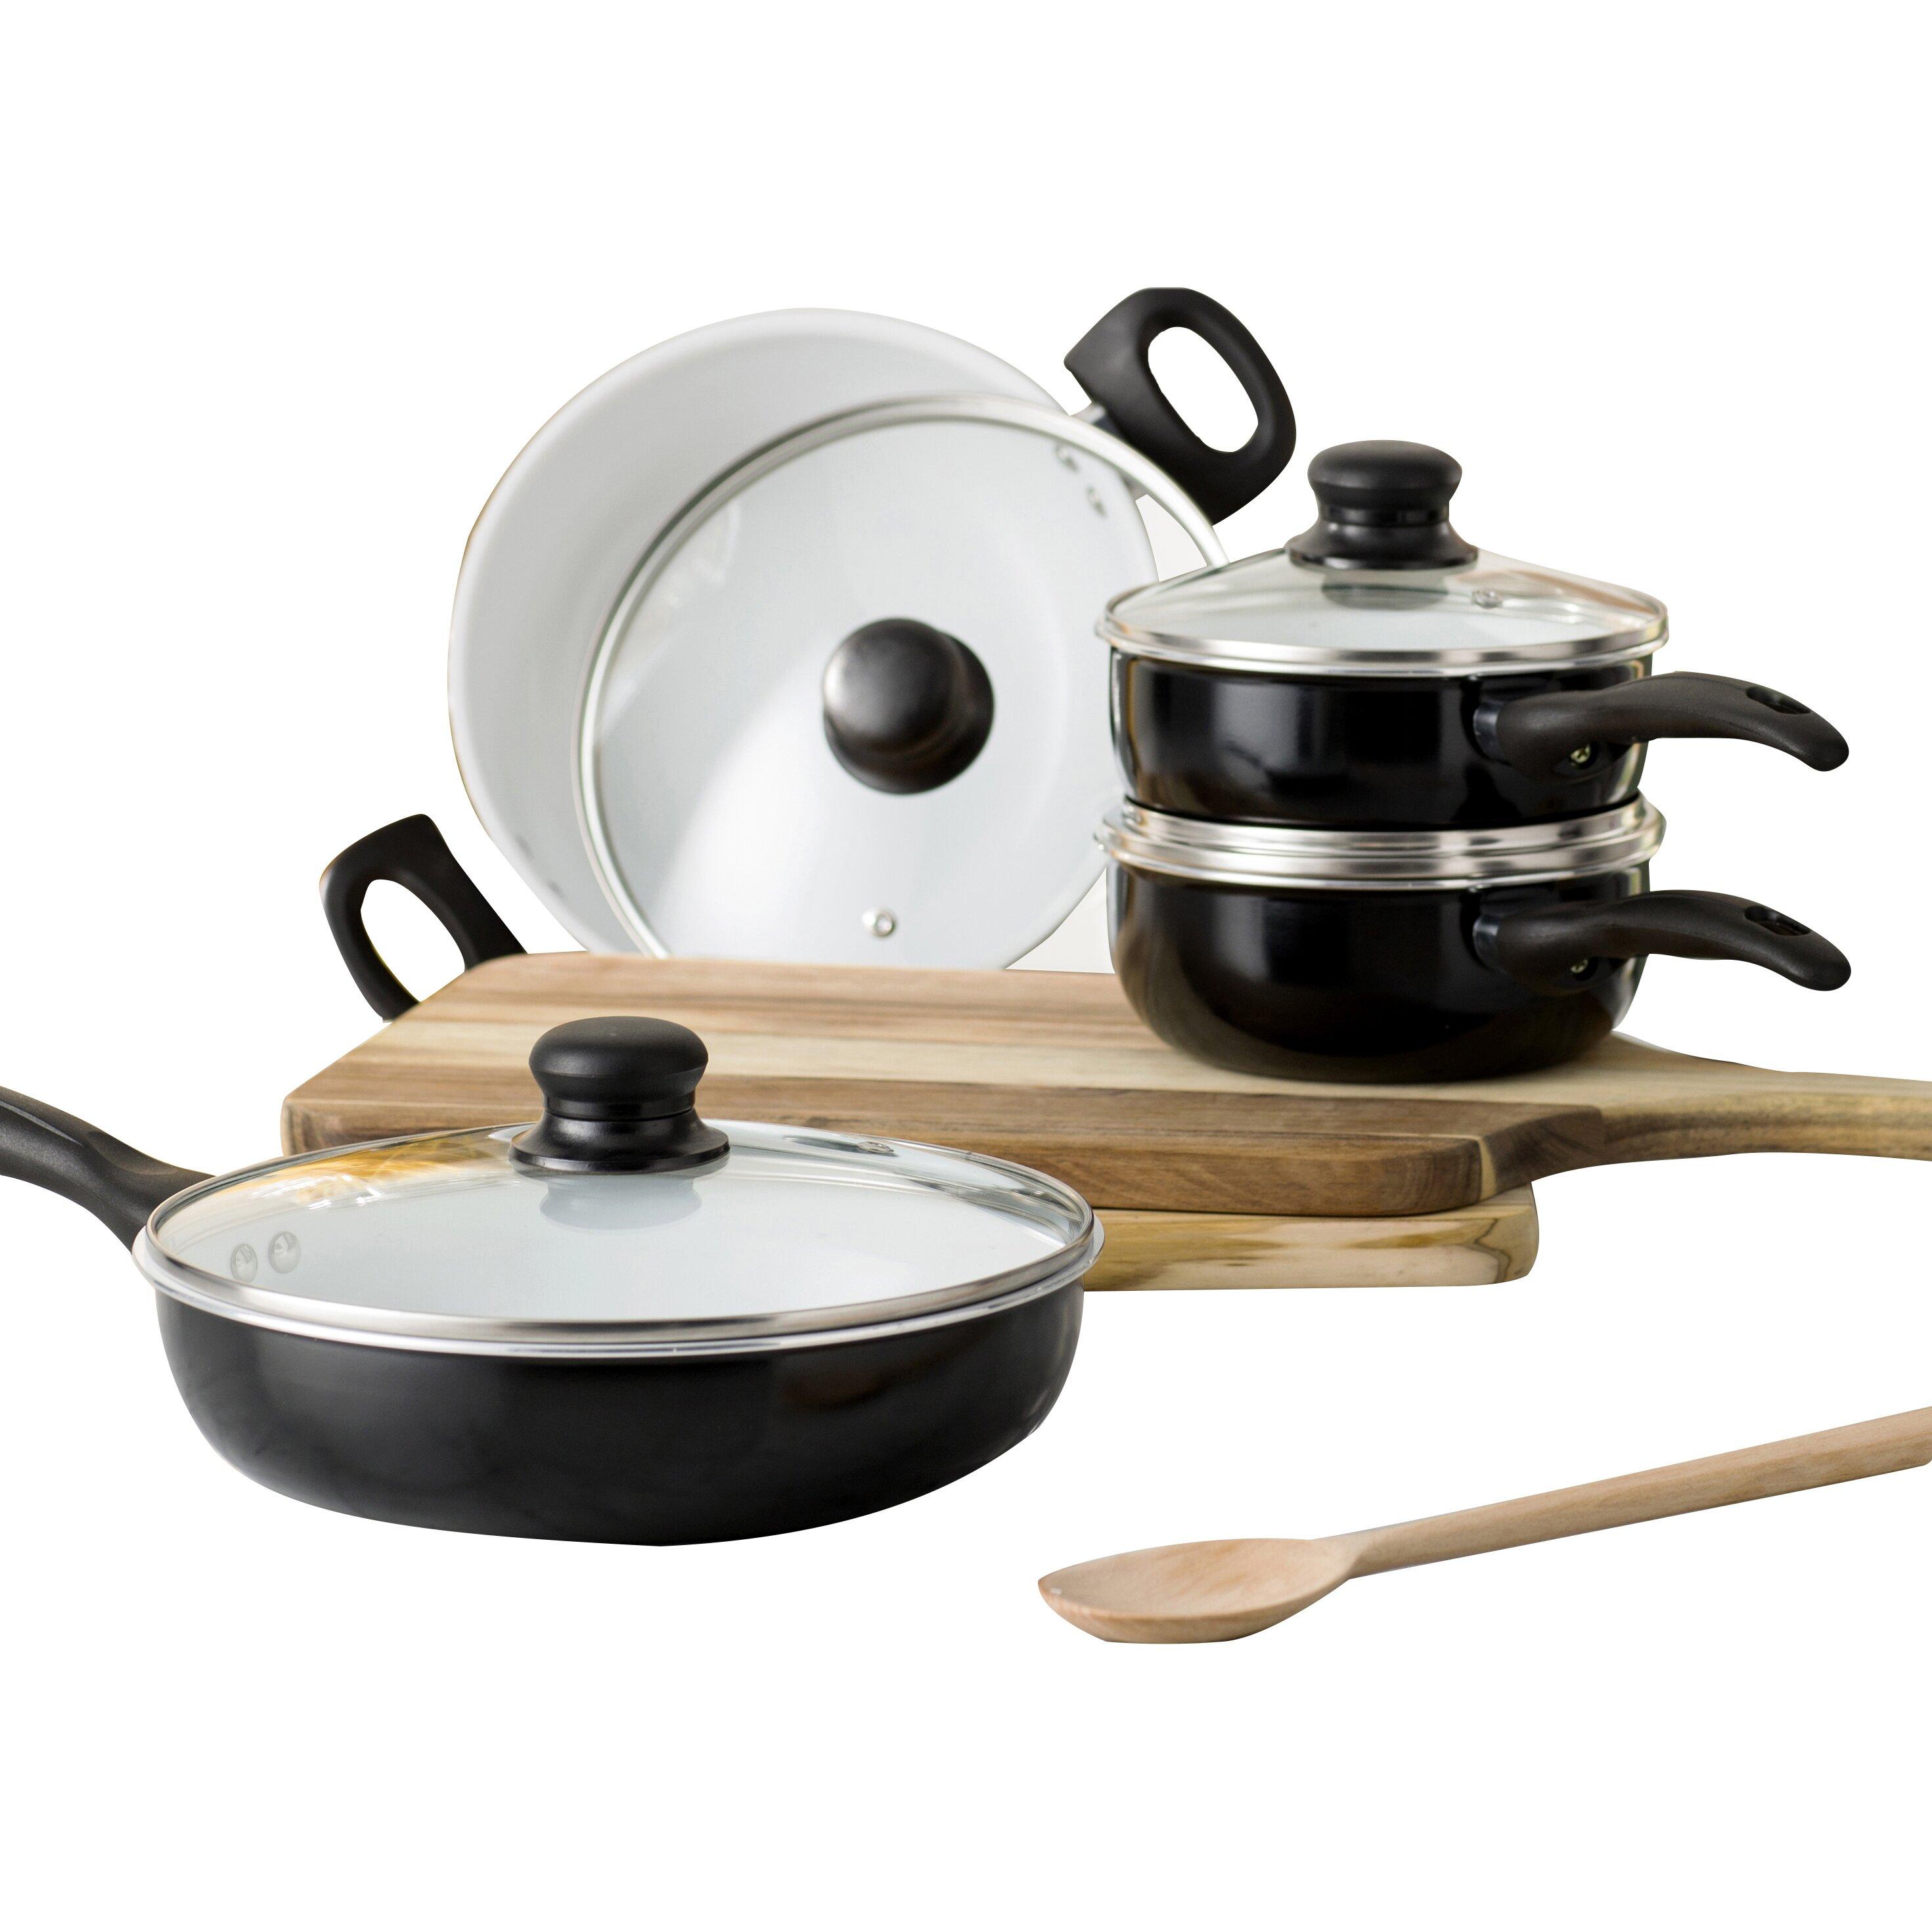 cookware sets wayfair com